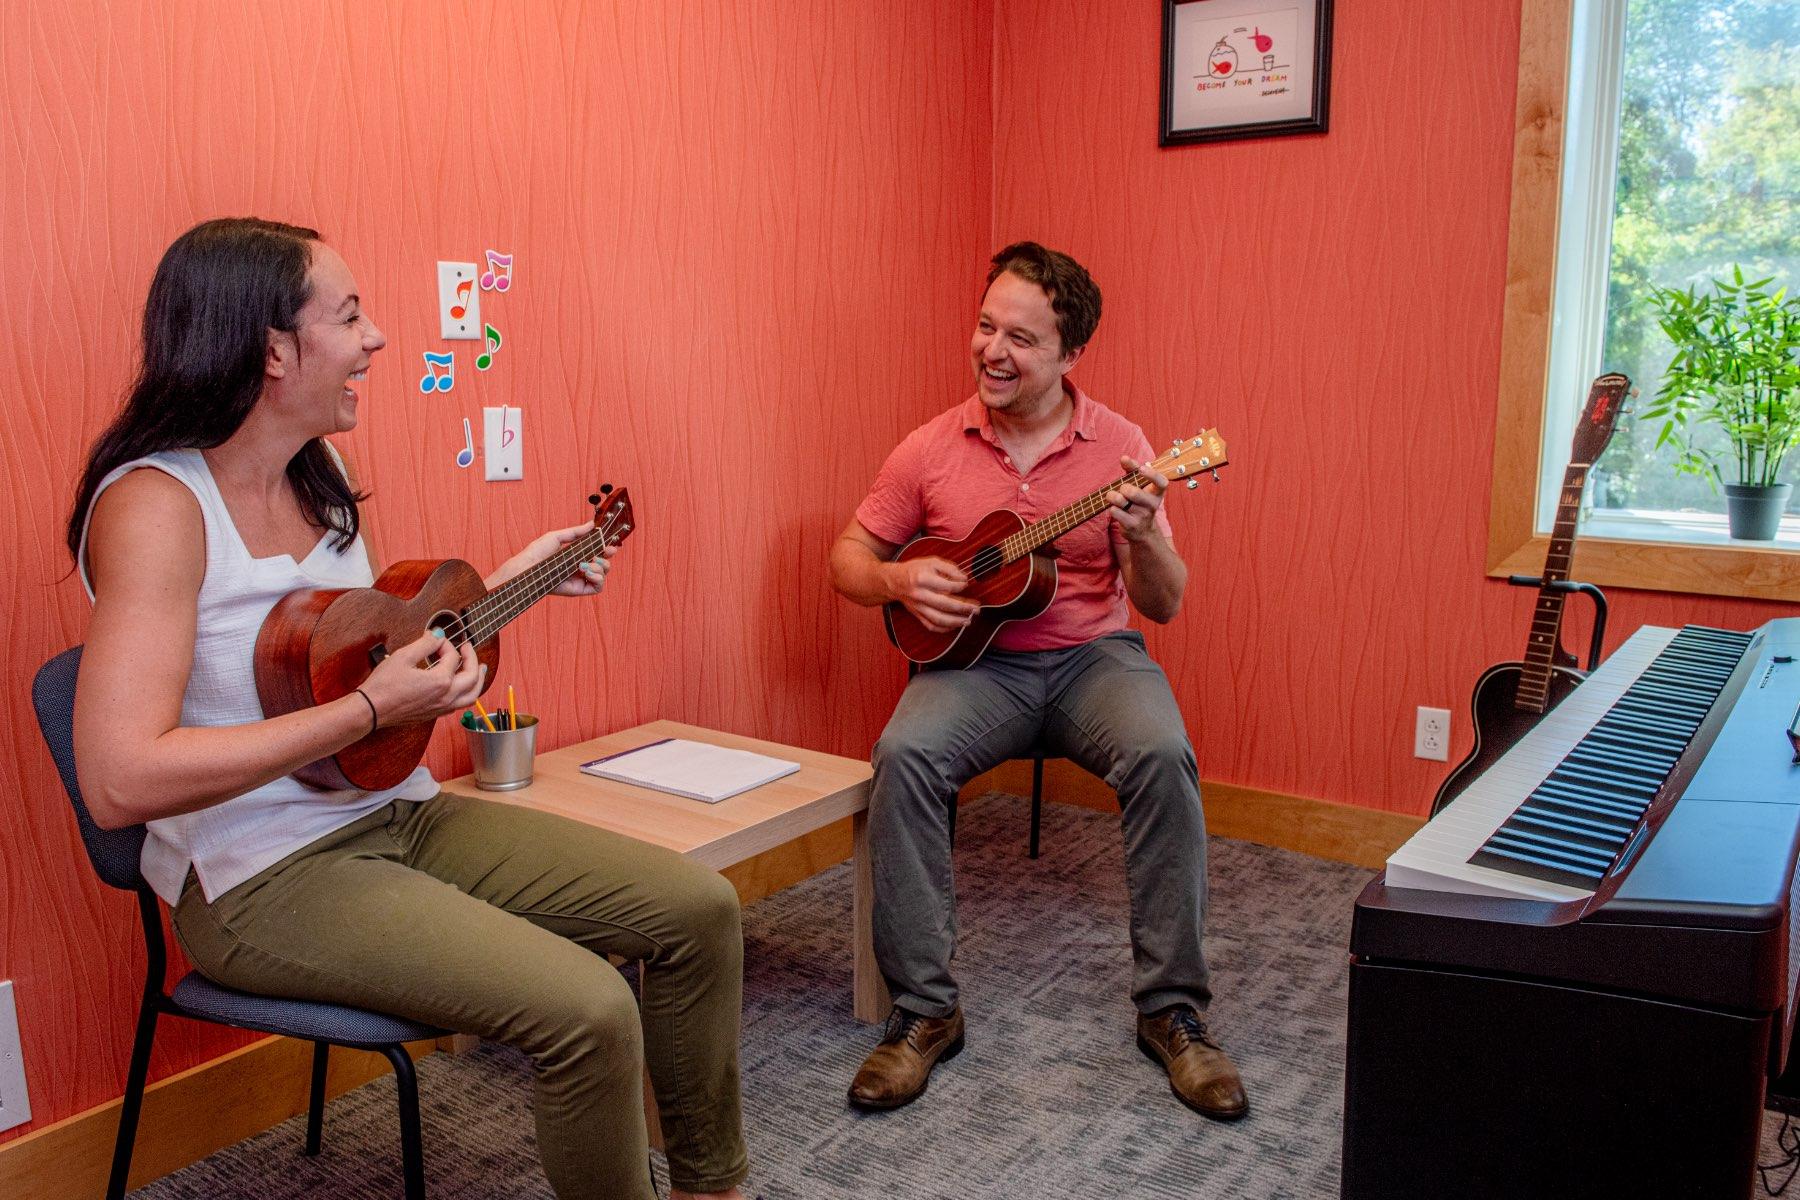 Instructor and student playing ukulele.